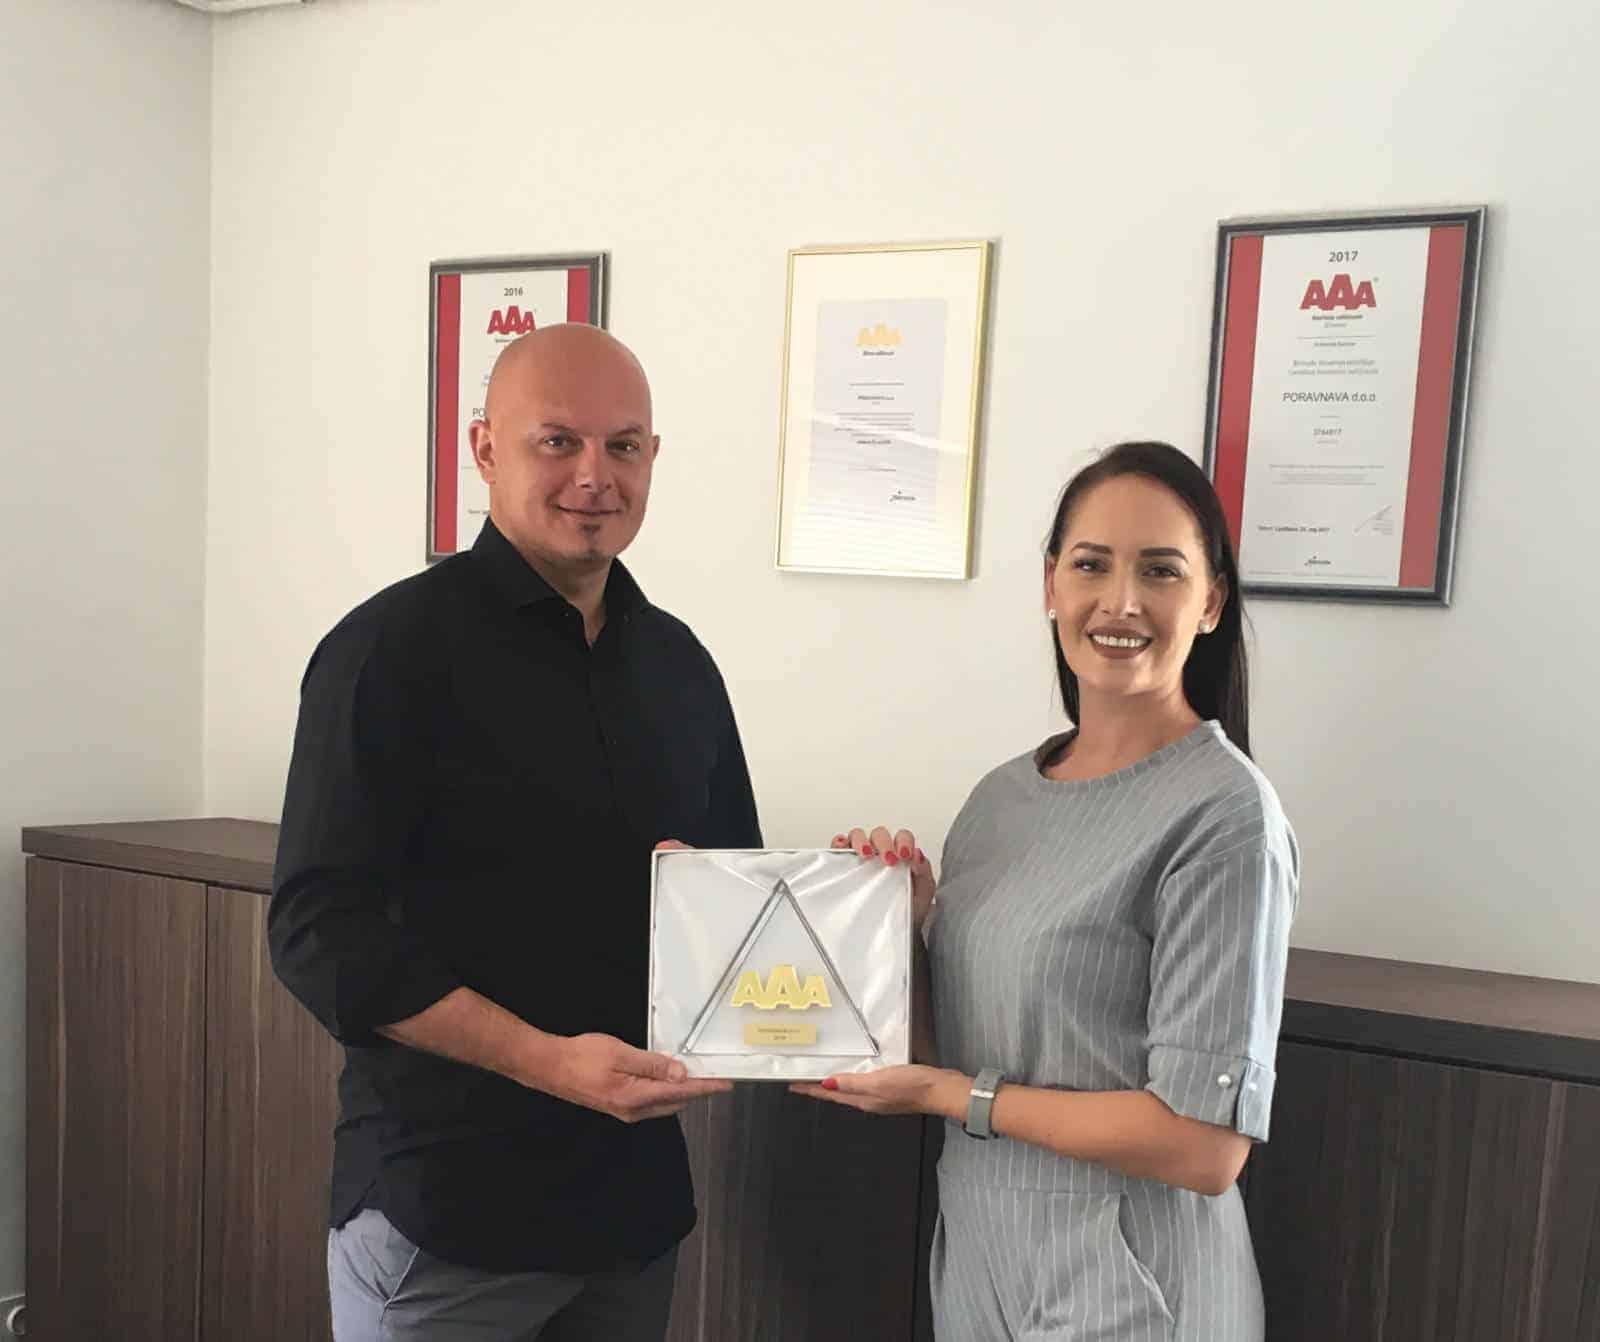 poraVnava d.o.o. nagrajena z Zlato Boniteto Odličnosti – smo dokazano najboljše odškodnisko podjetje v Sloveniji! 1